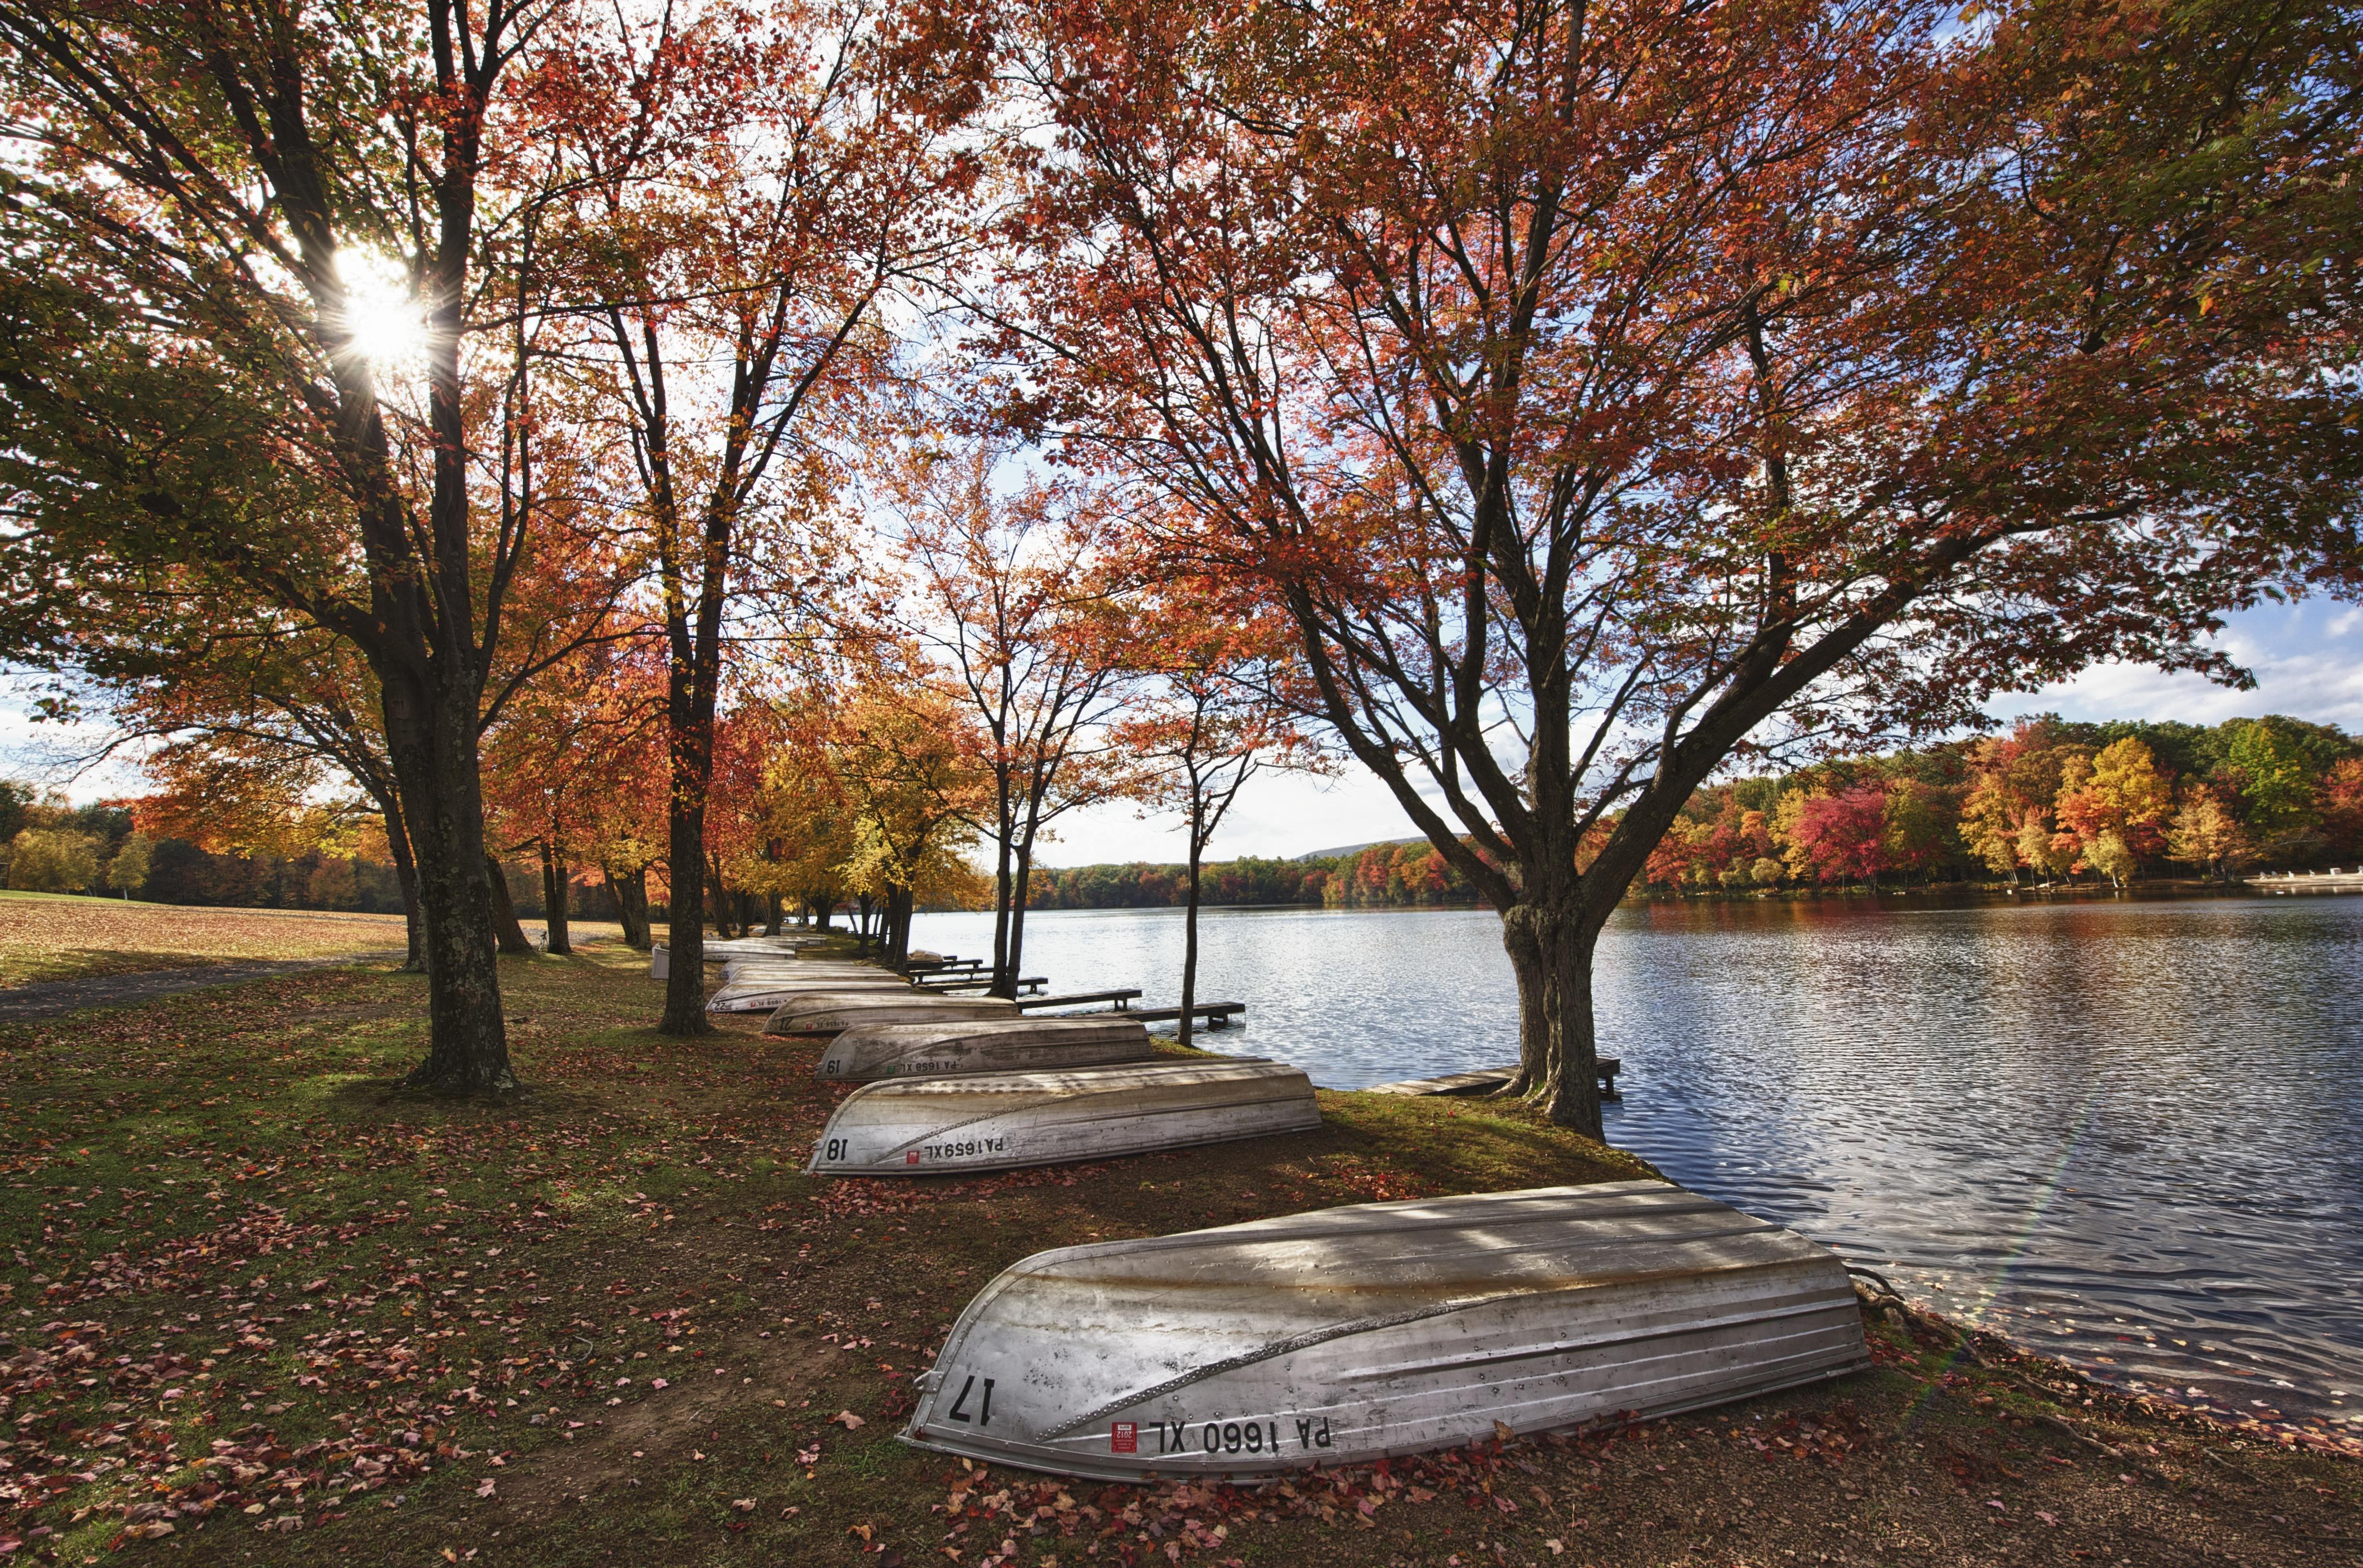 Pocono Vacaciones Montaña - Pennsylvania - Atractivos naturales, hay que ver Excursiones, follaje de otoño